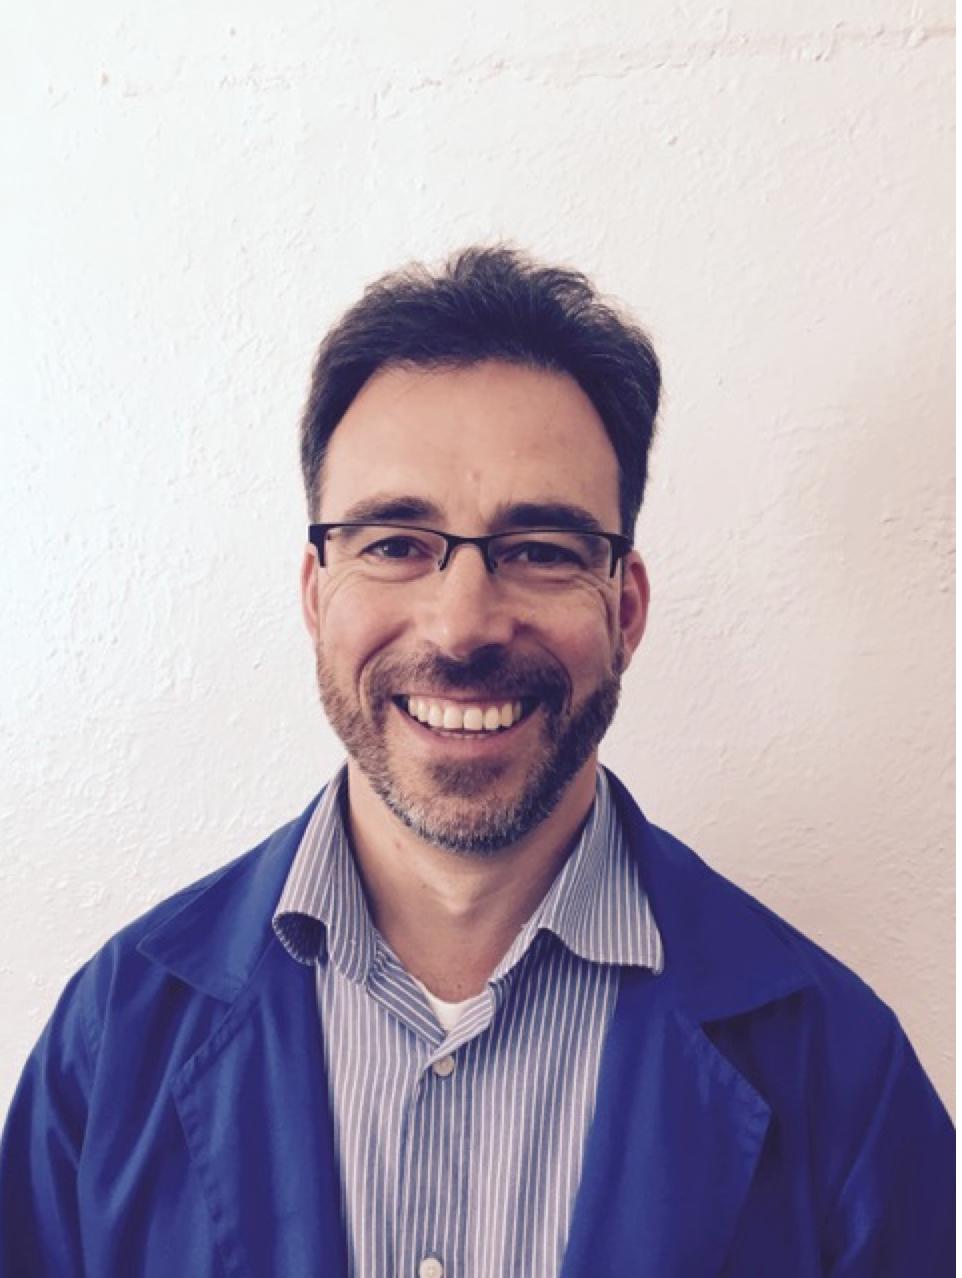 Steve Thomas, Registered Acupuncturist